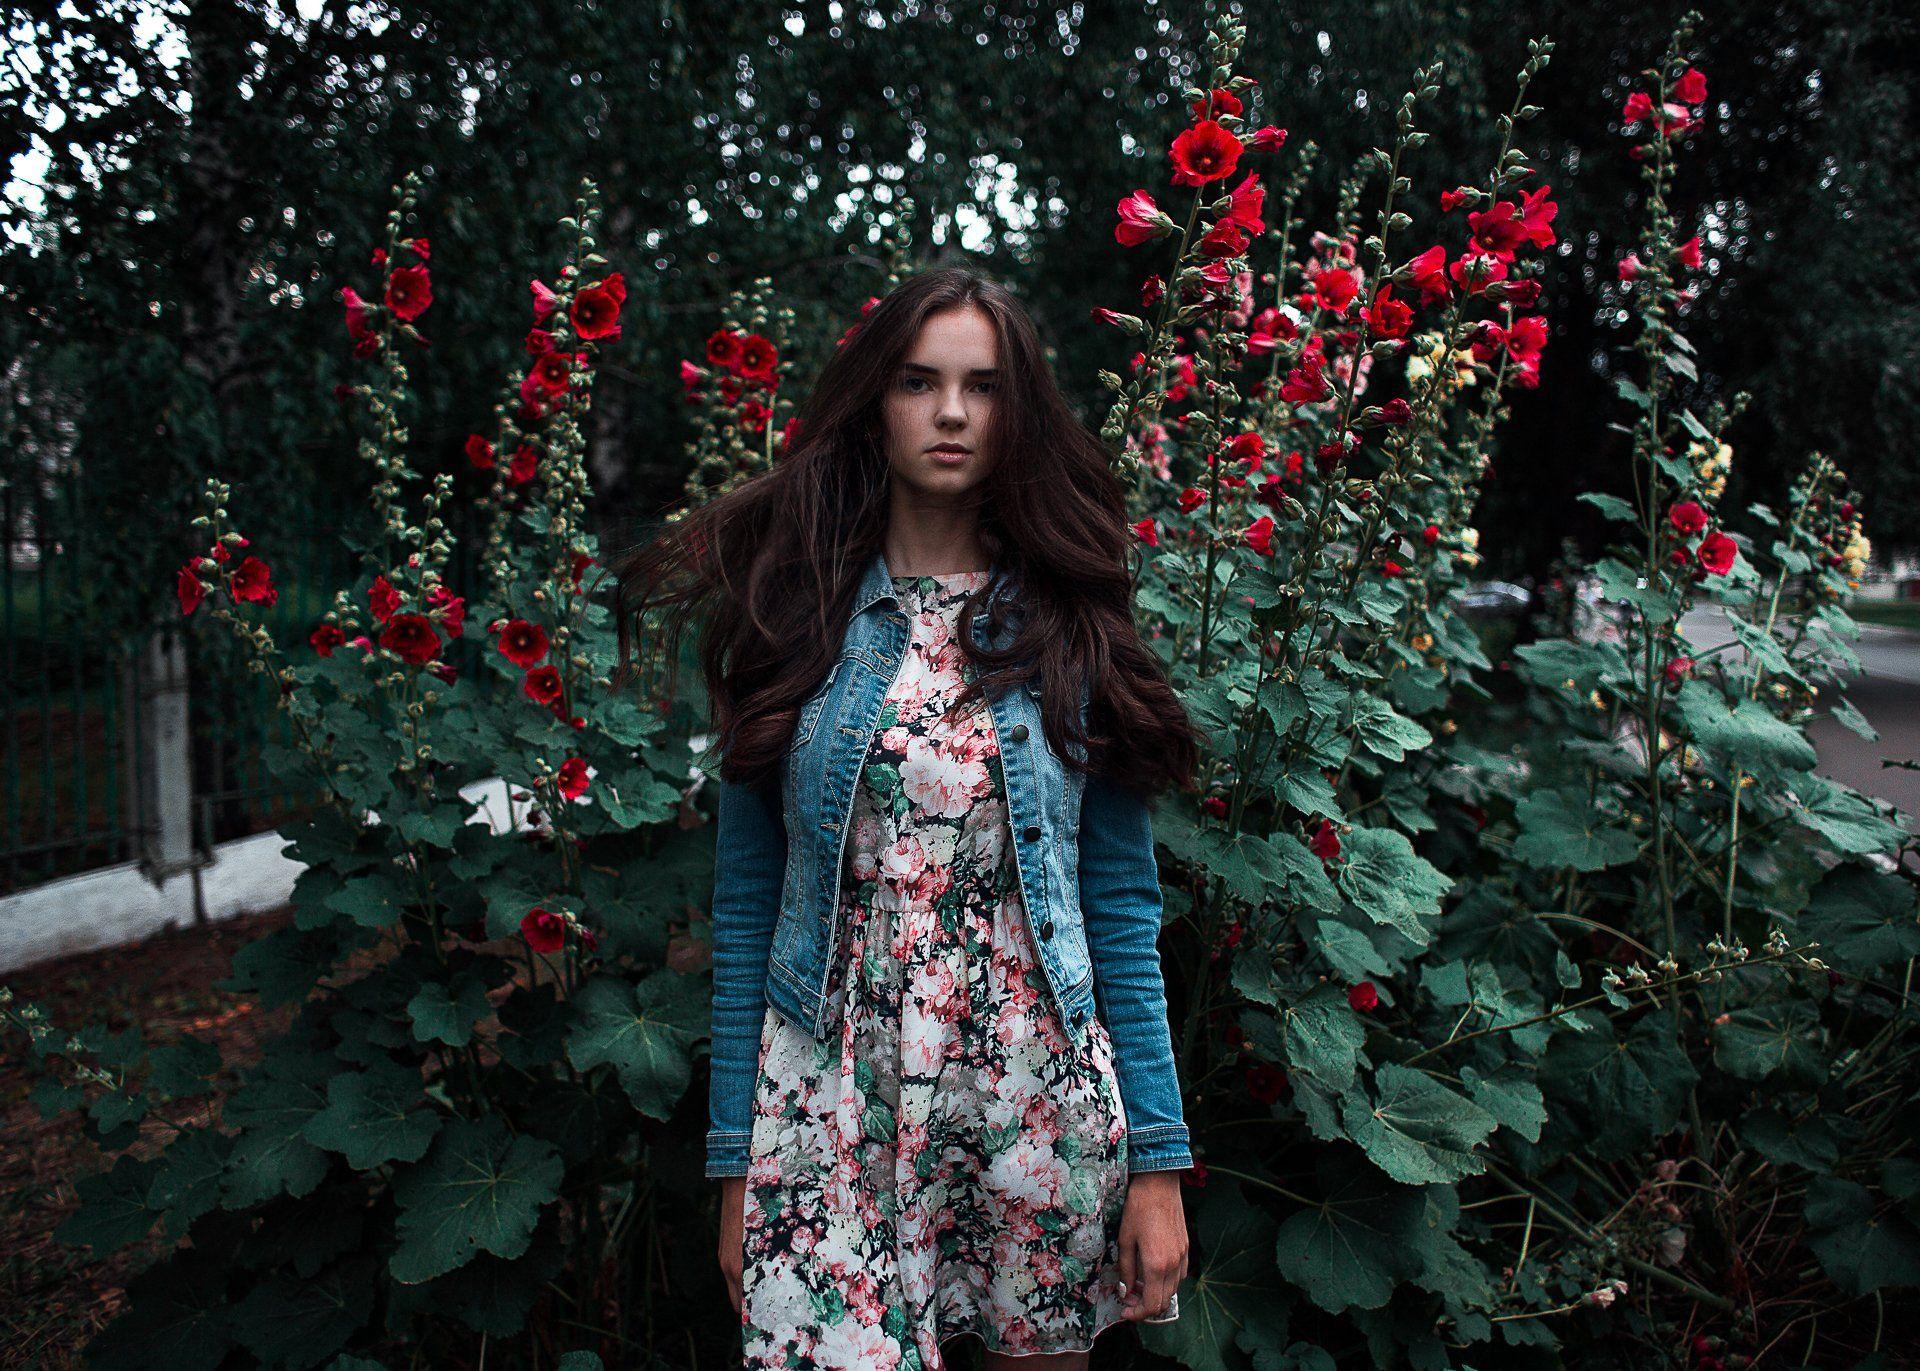 девушка, цветы, лето, закат, зеленый, платье, красные, girl, flowers, sun, sunset, Блохин Антон